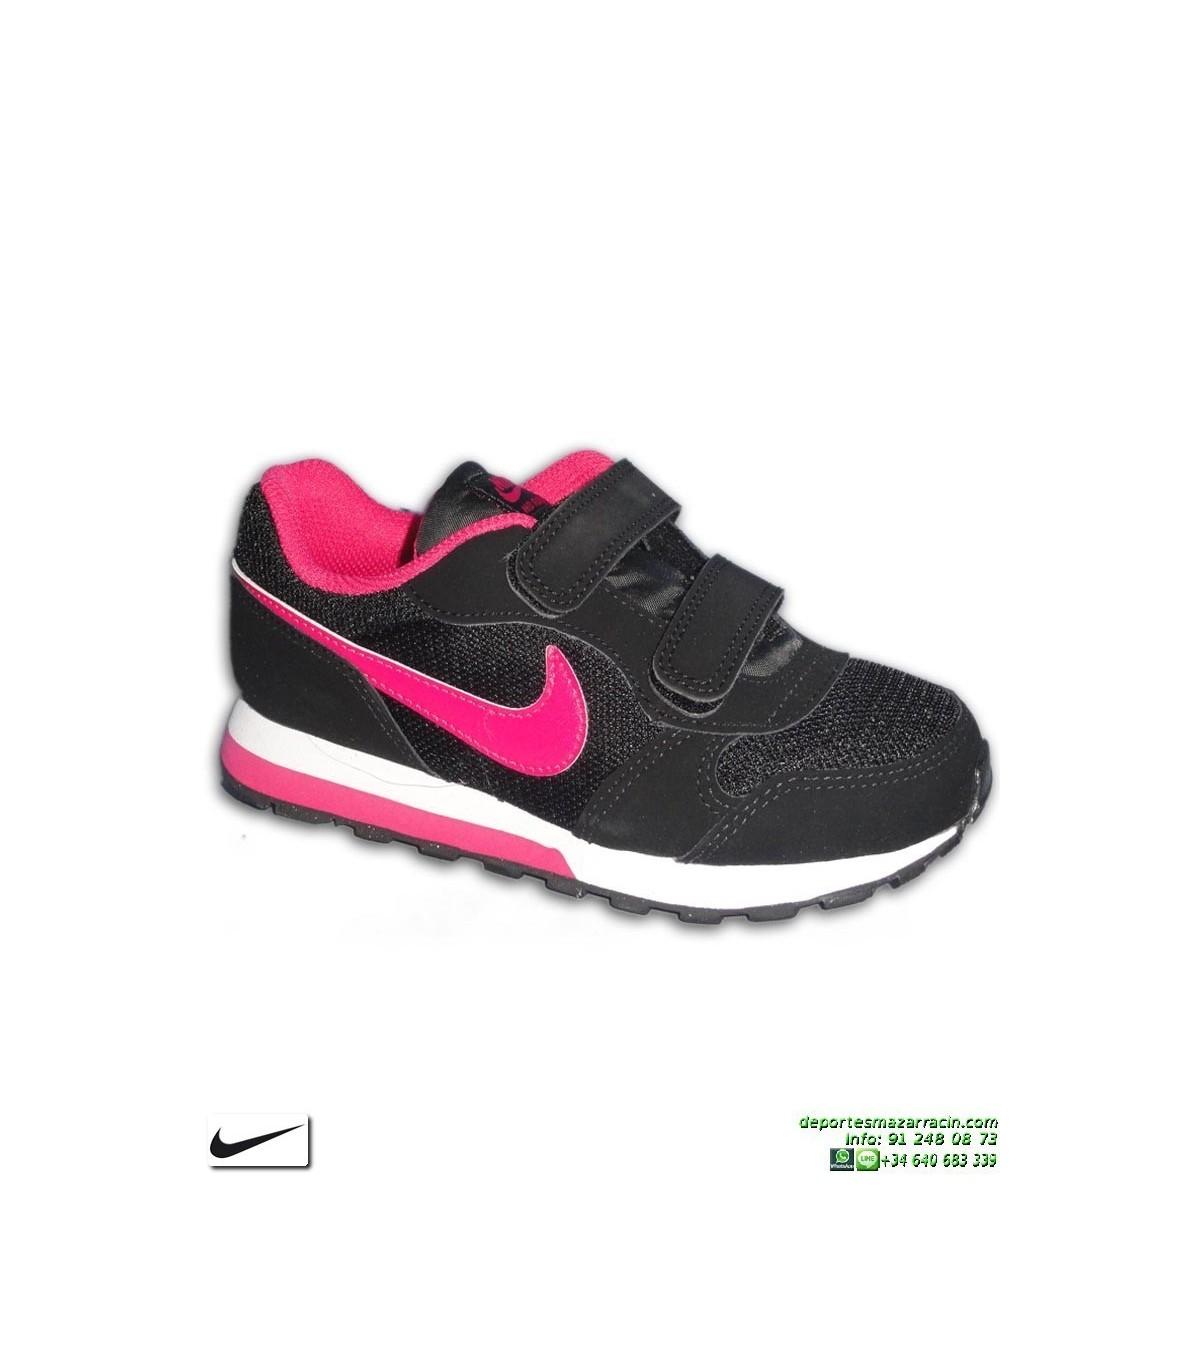 d8f30cd28df Zapatilla Nike Para Niñas MD RUNNER 2 PSV Negro-Rosa Velcro 807320-006